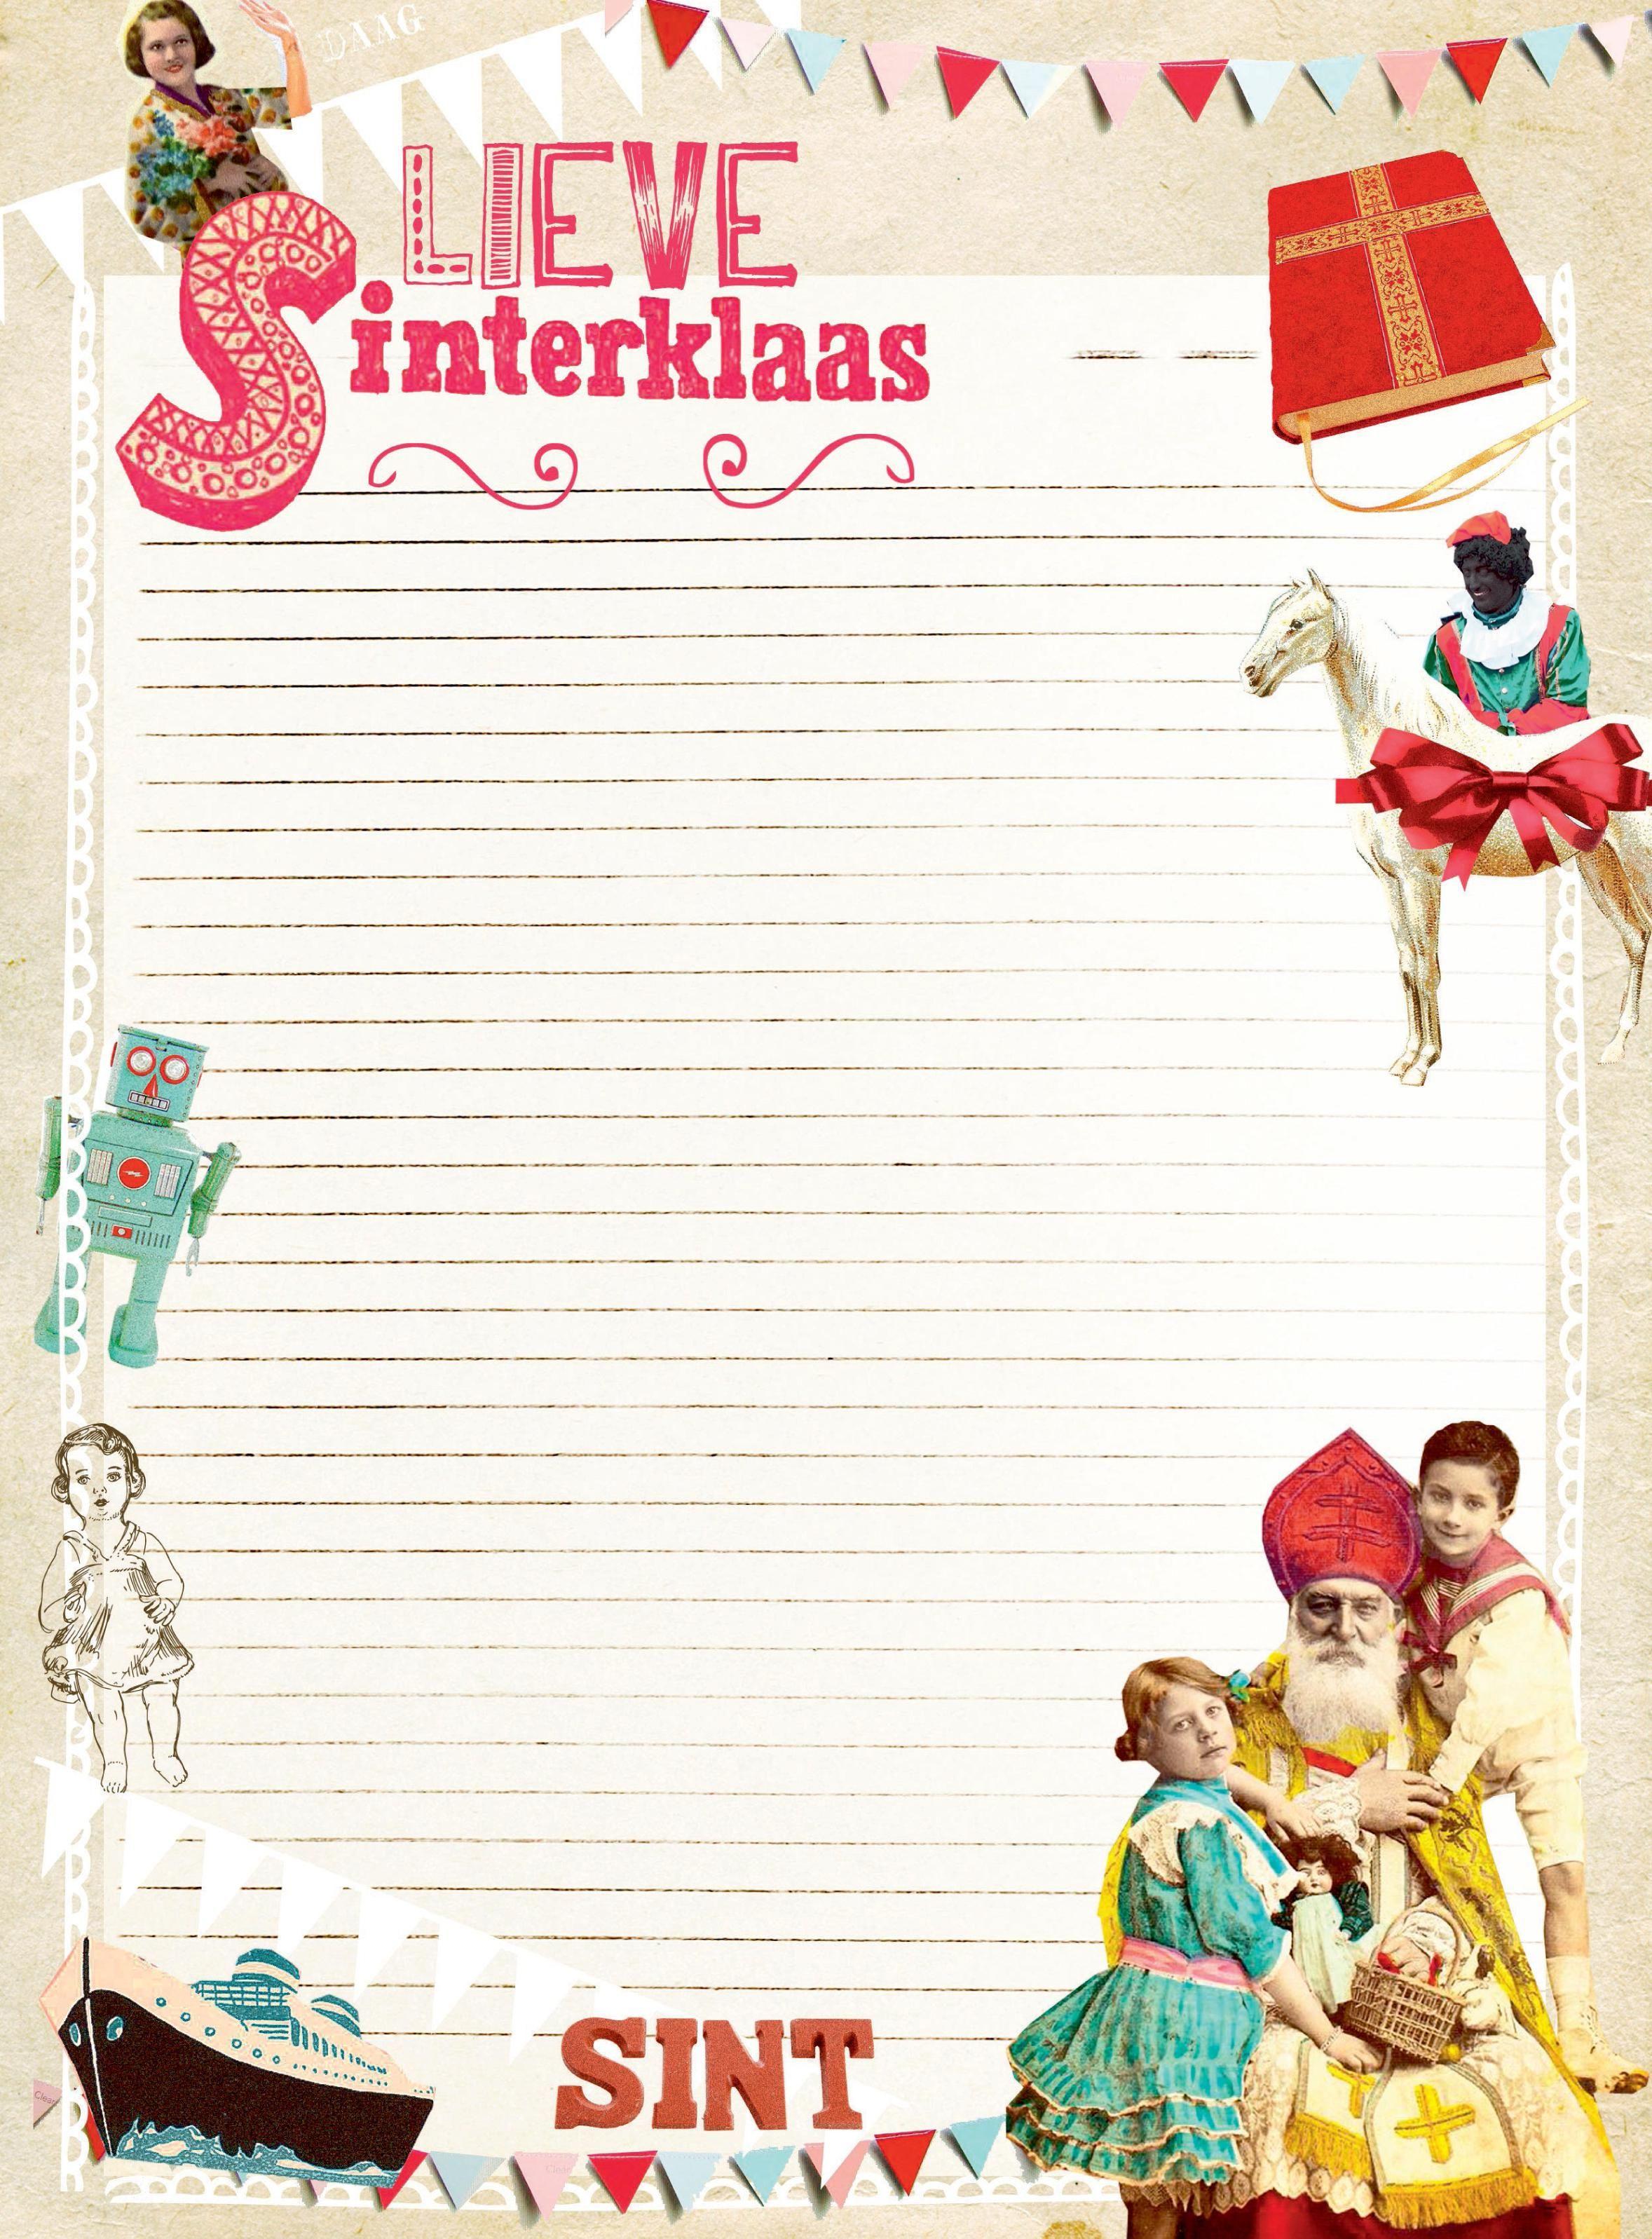 Genoeg Sinterklaas Briefpapier Printen RN99 | Belbin.Info @US99